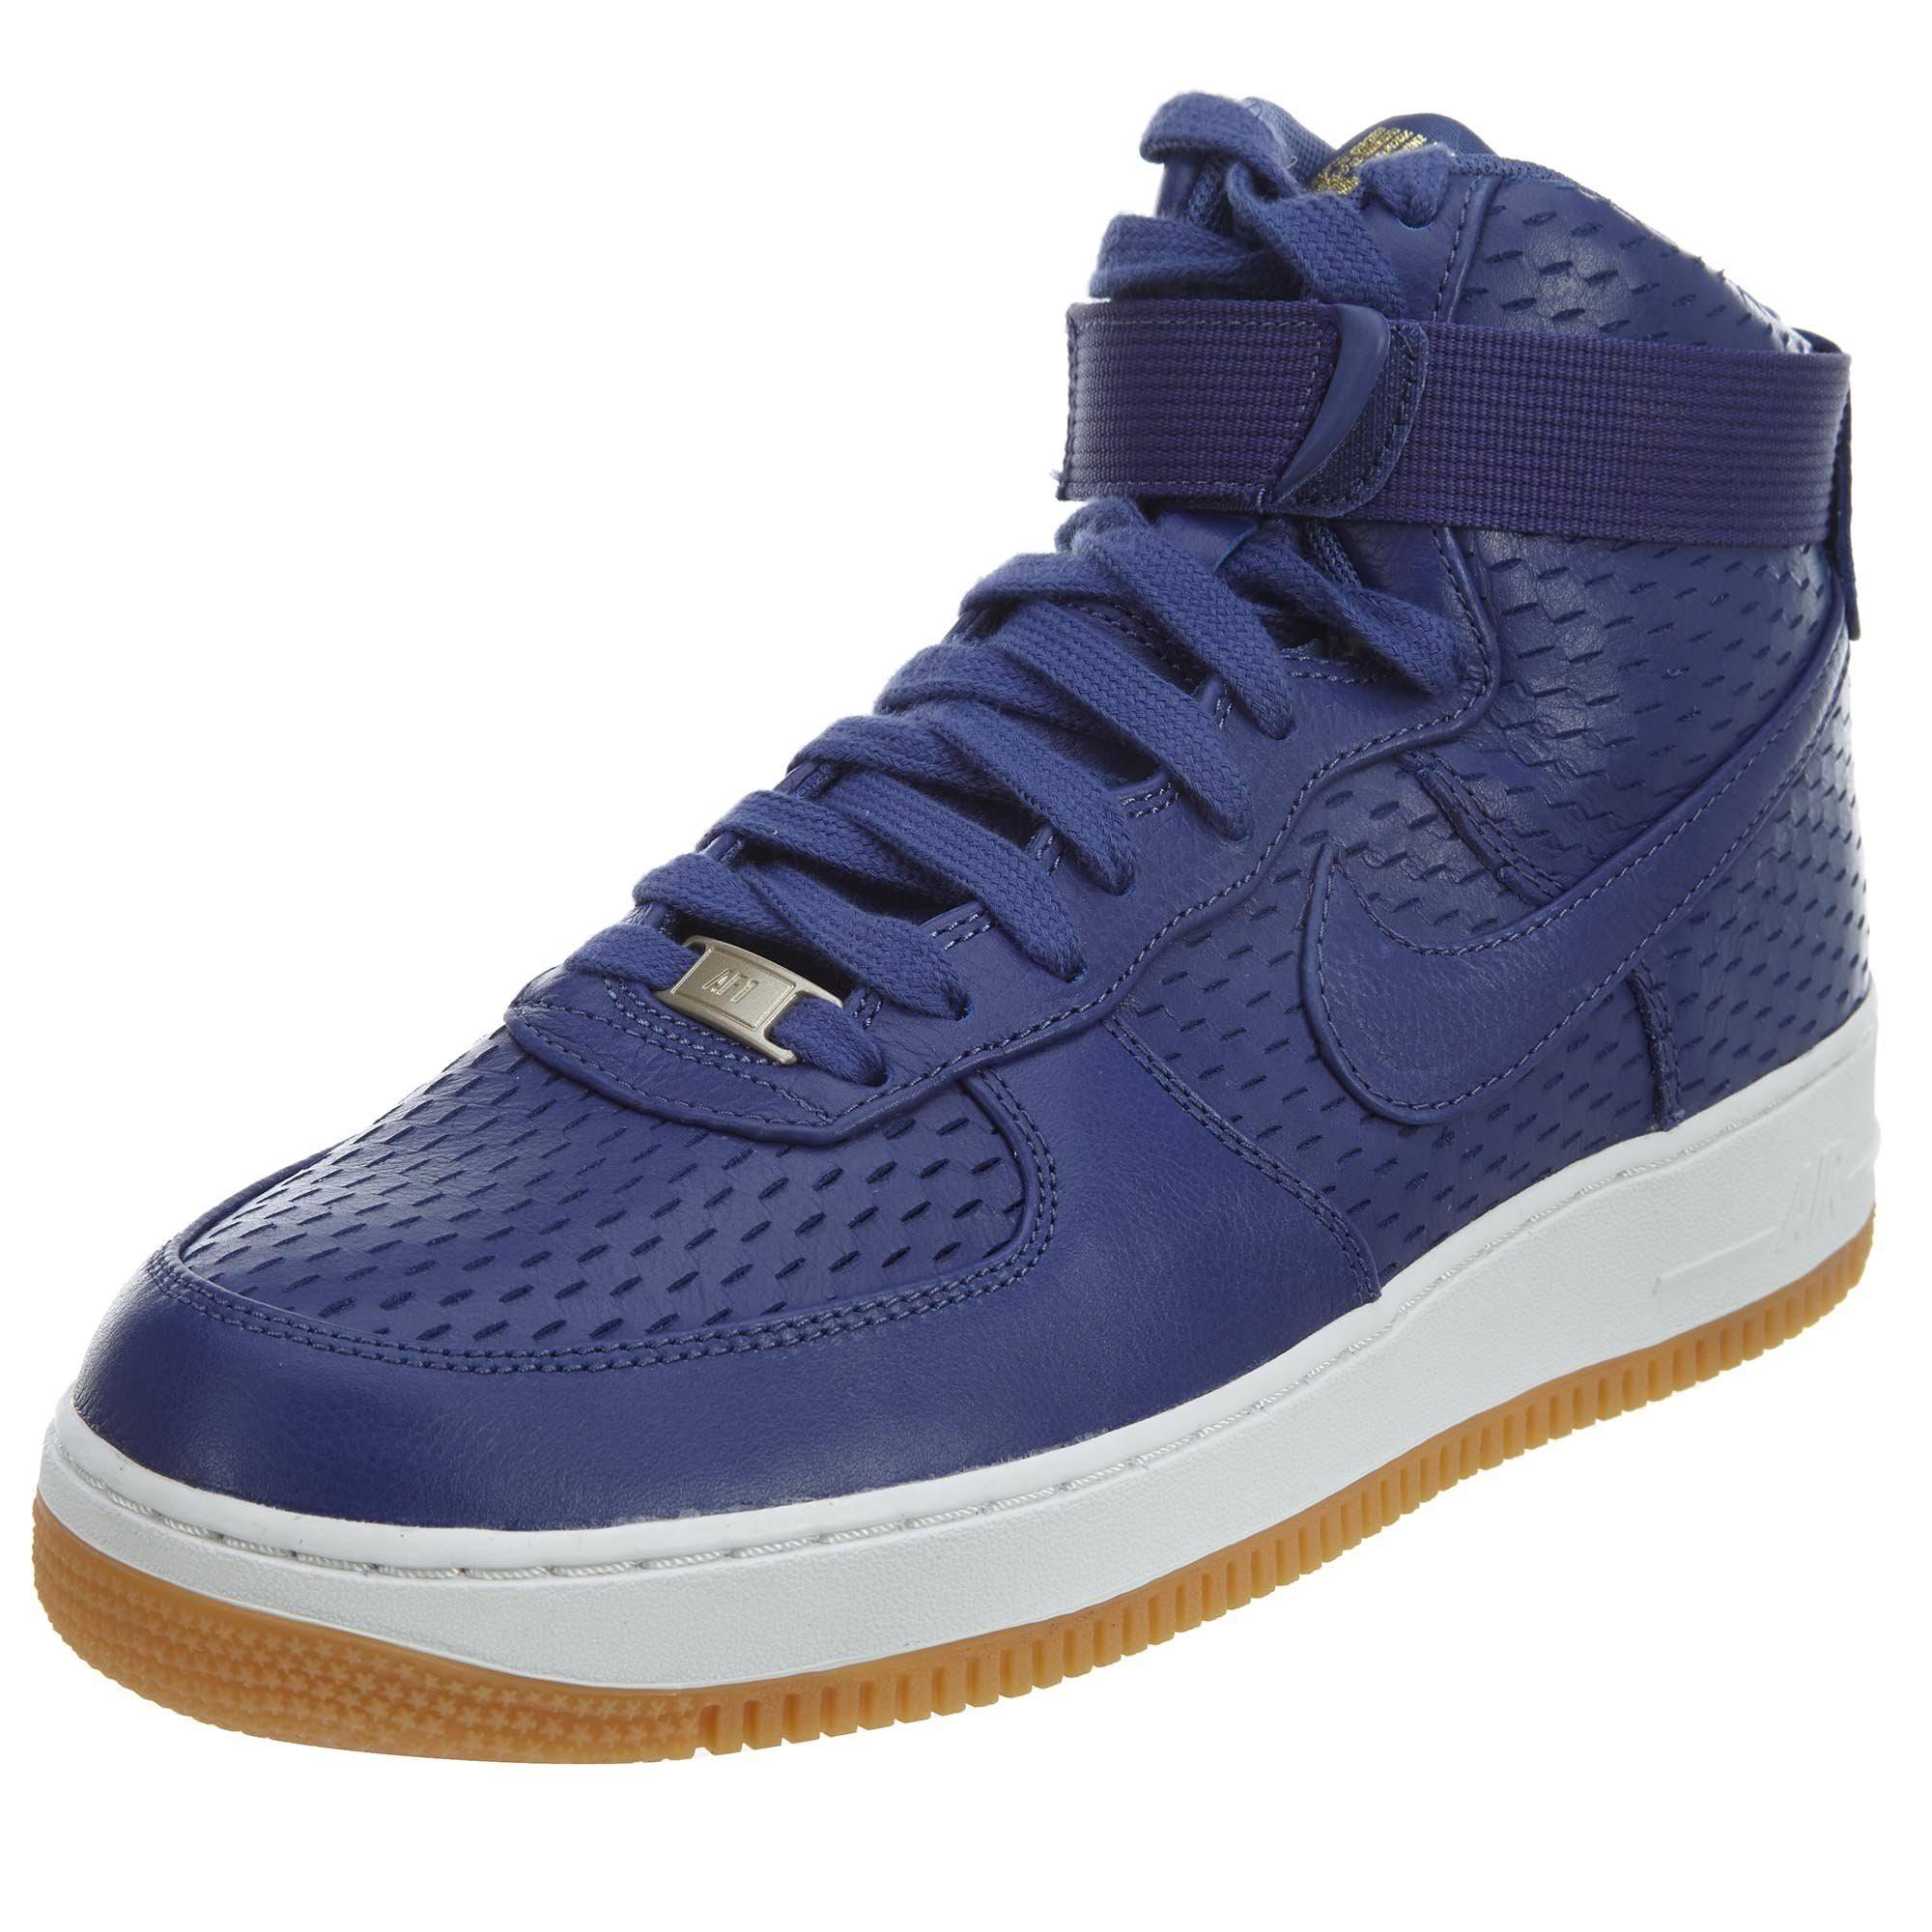 Shoe Prm Women's Air Purple Nike Basketball 1 Hi Force RX0vOR6wqp